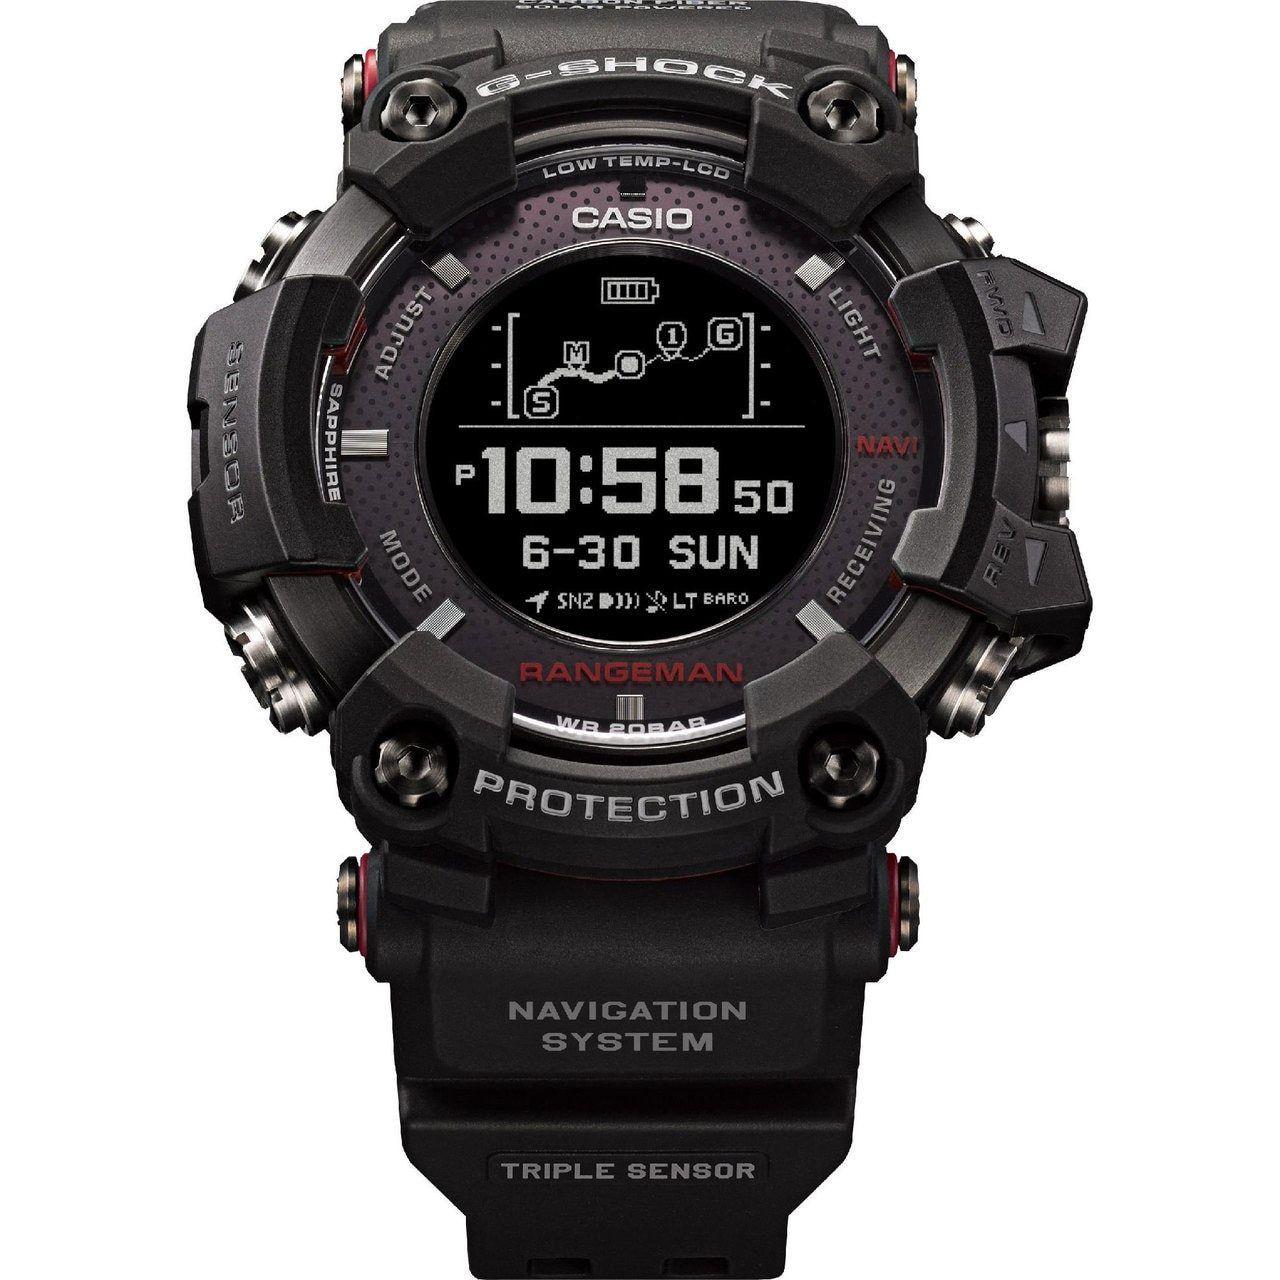 G Shock Gpr B1000 Rangeman Solar Gps Navigation Black G Shock Watches Mens Casio Watch G Shock